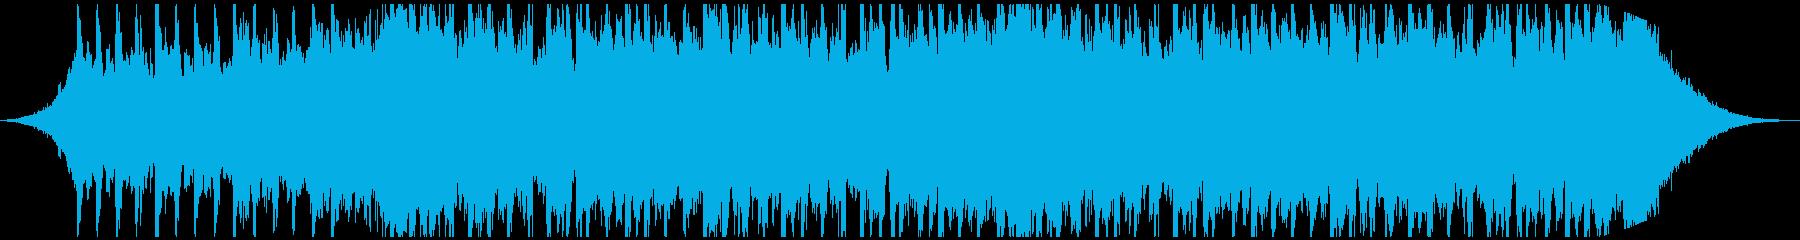 実験的な アンビエント コーポレー...の再生済みの波形